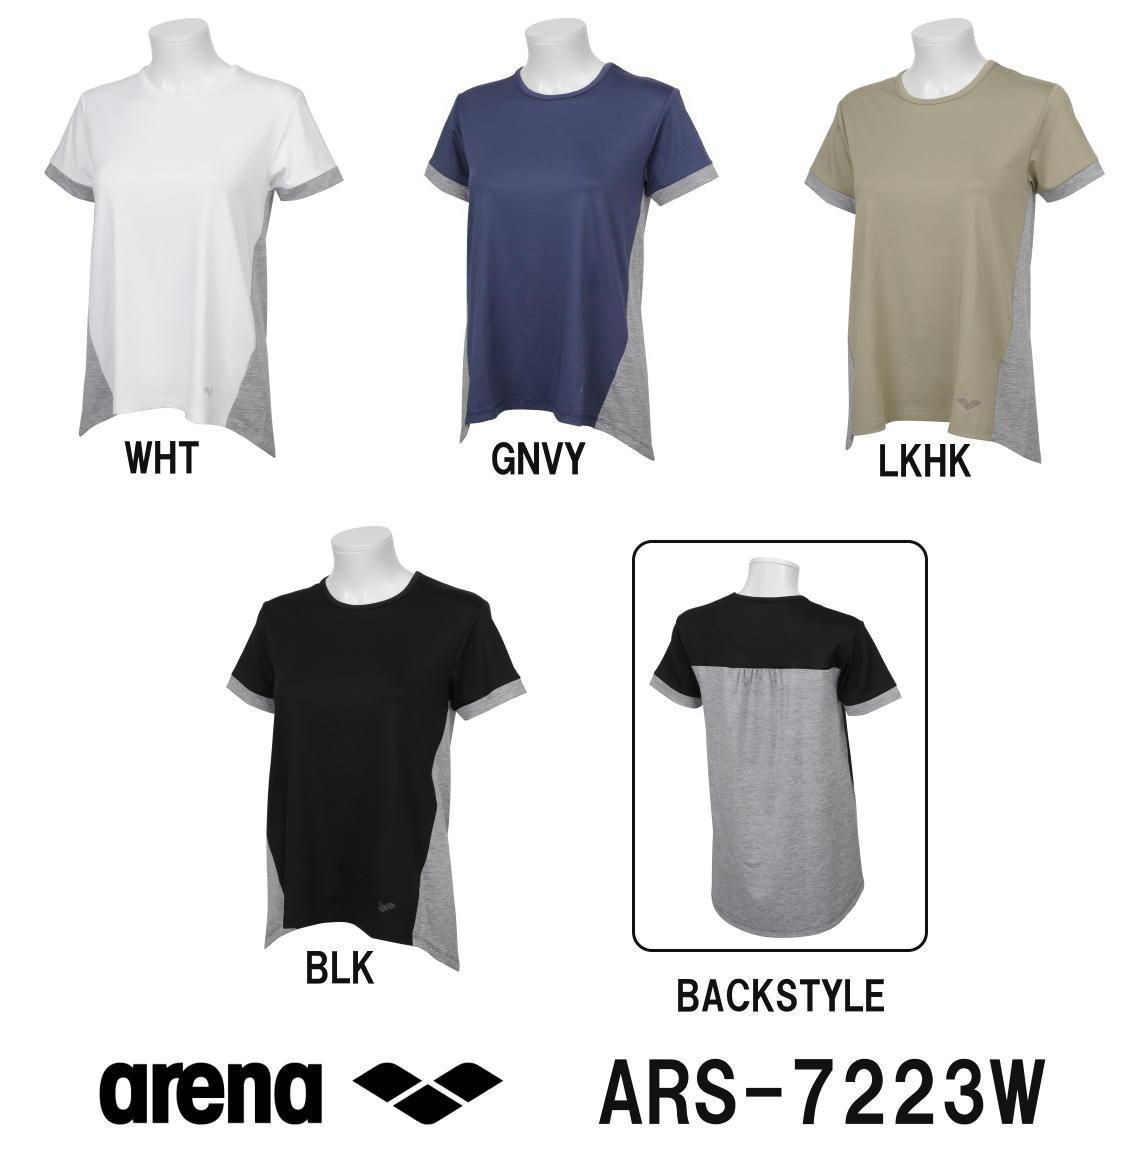 ARENA アリーナ ストレッチスムース レディースAラインTシャツ ARS-7223W-HK